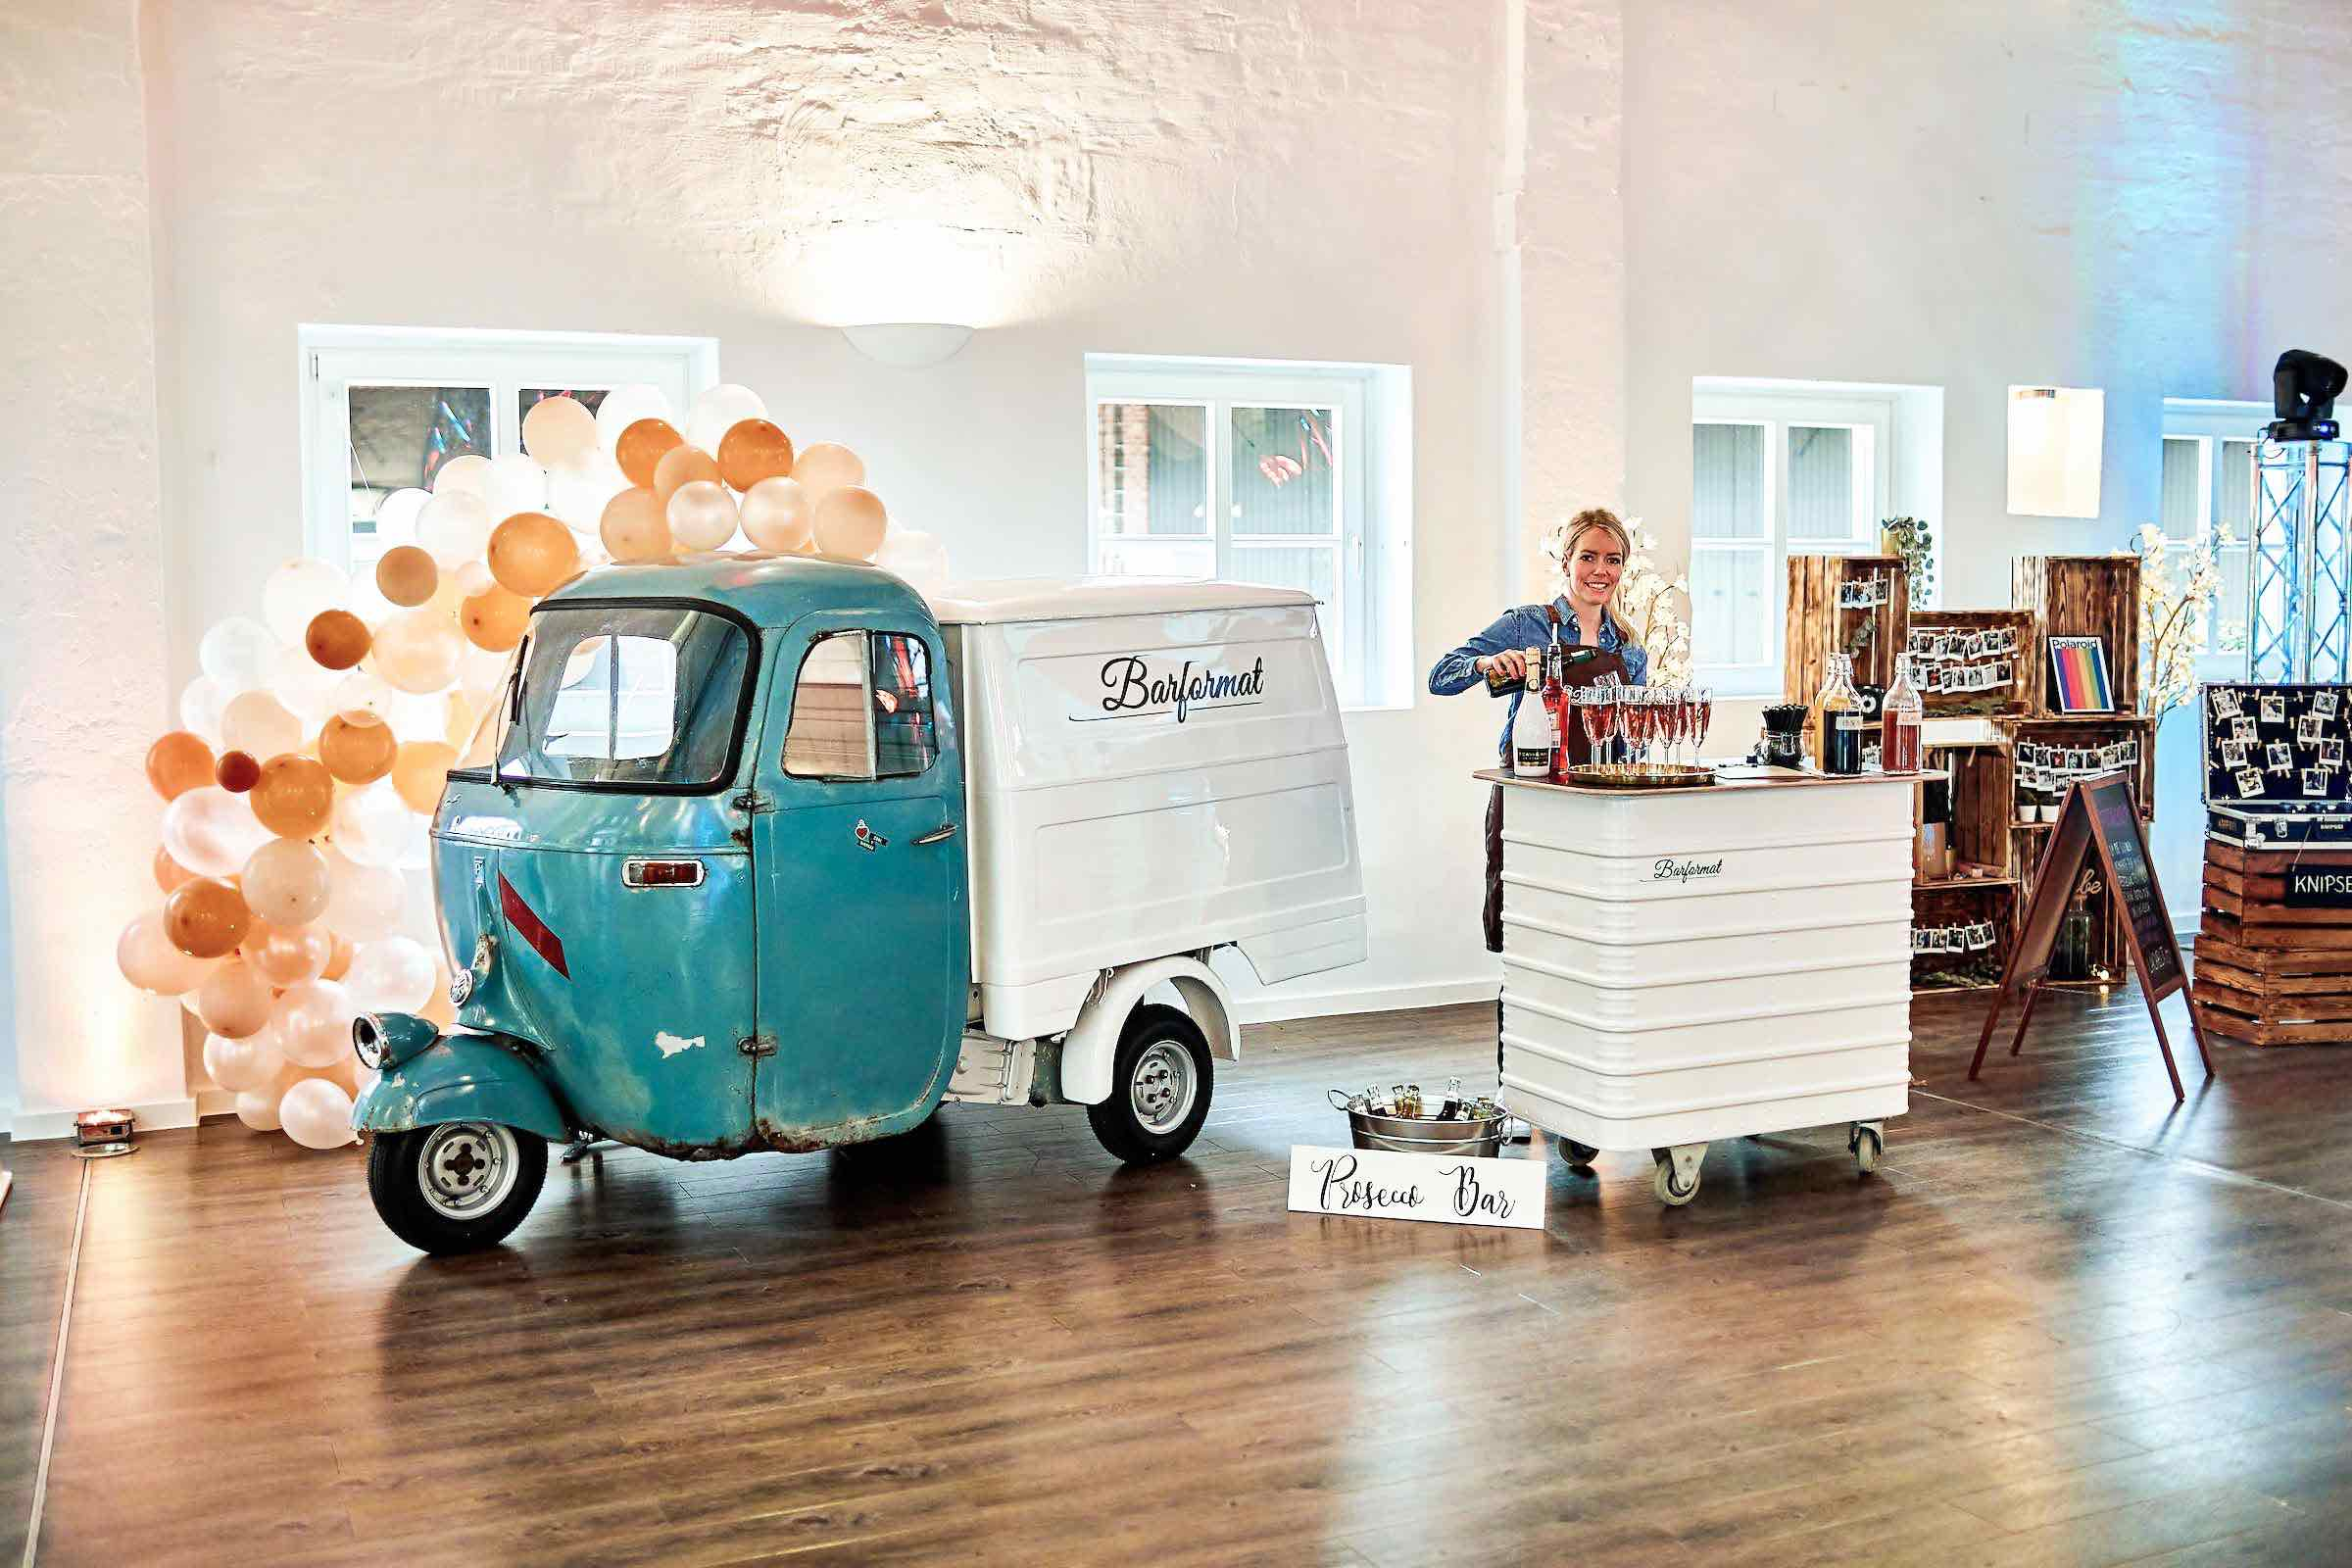 Mobile | Bar | Ape | Bulli | Hamburg | Cocktailservice | Getränke | Catering | Foodtruck | Sektbar | Weinbar | Sektempfang | Standesamt | Hochzeit | Barkeeper | Kellner | Hochzeit | Event | Mieten | Buchen | Hamburgfeiert